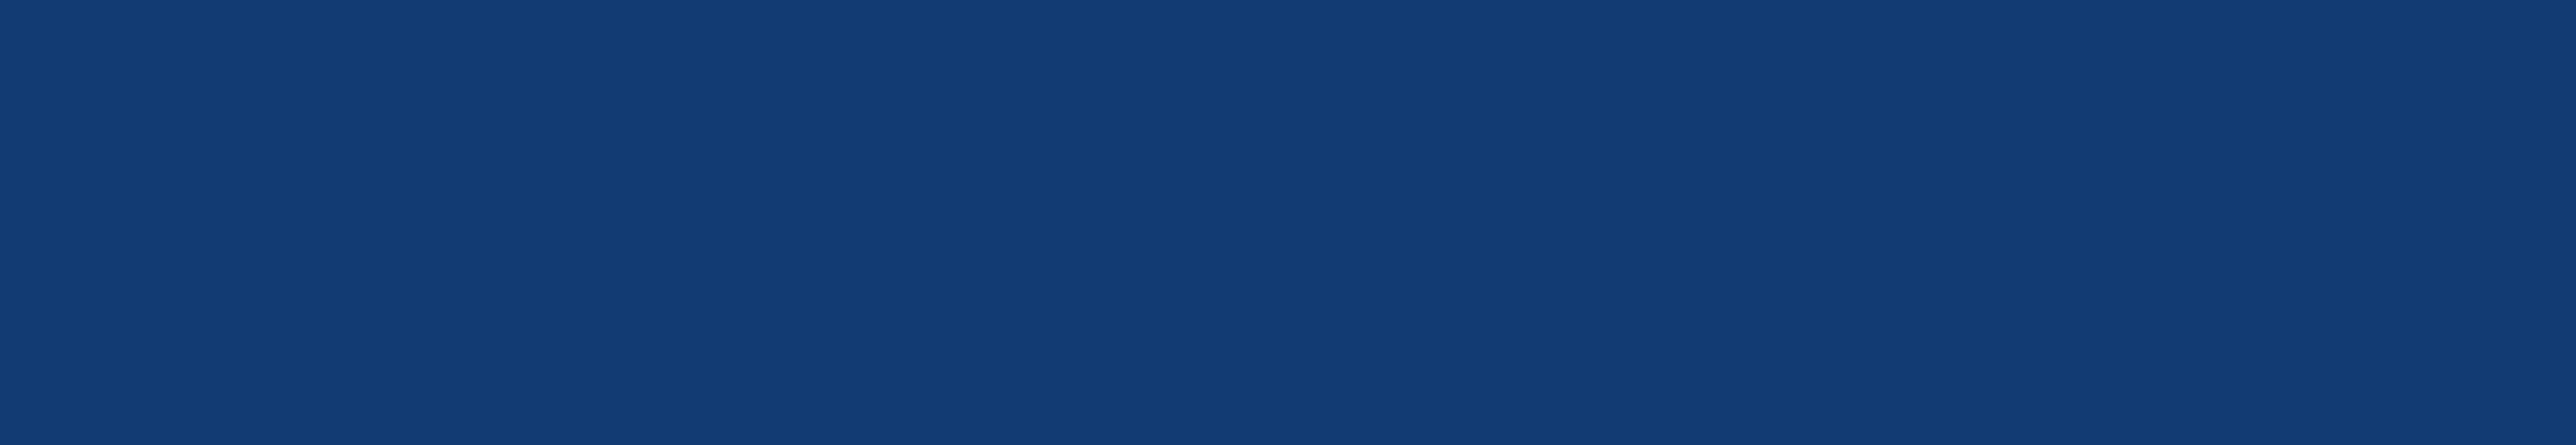 blue prairiefire wealth planning logo